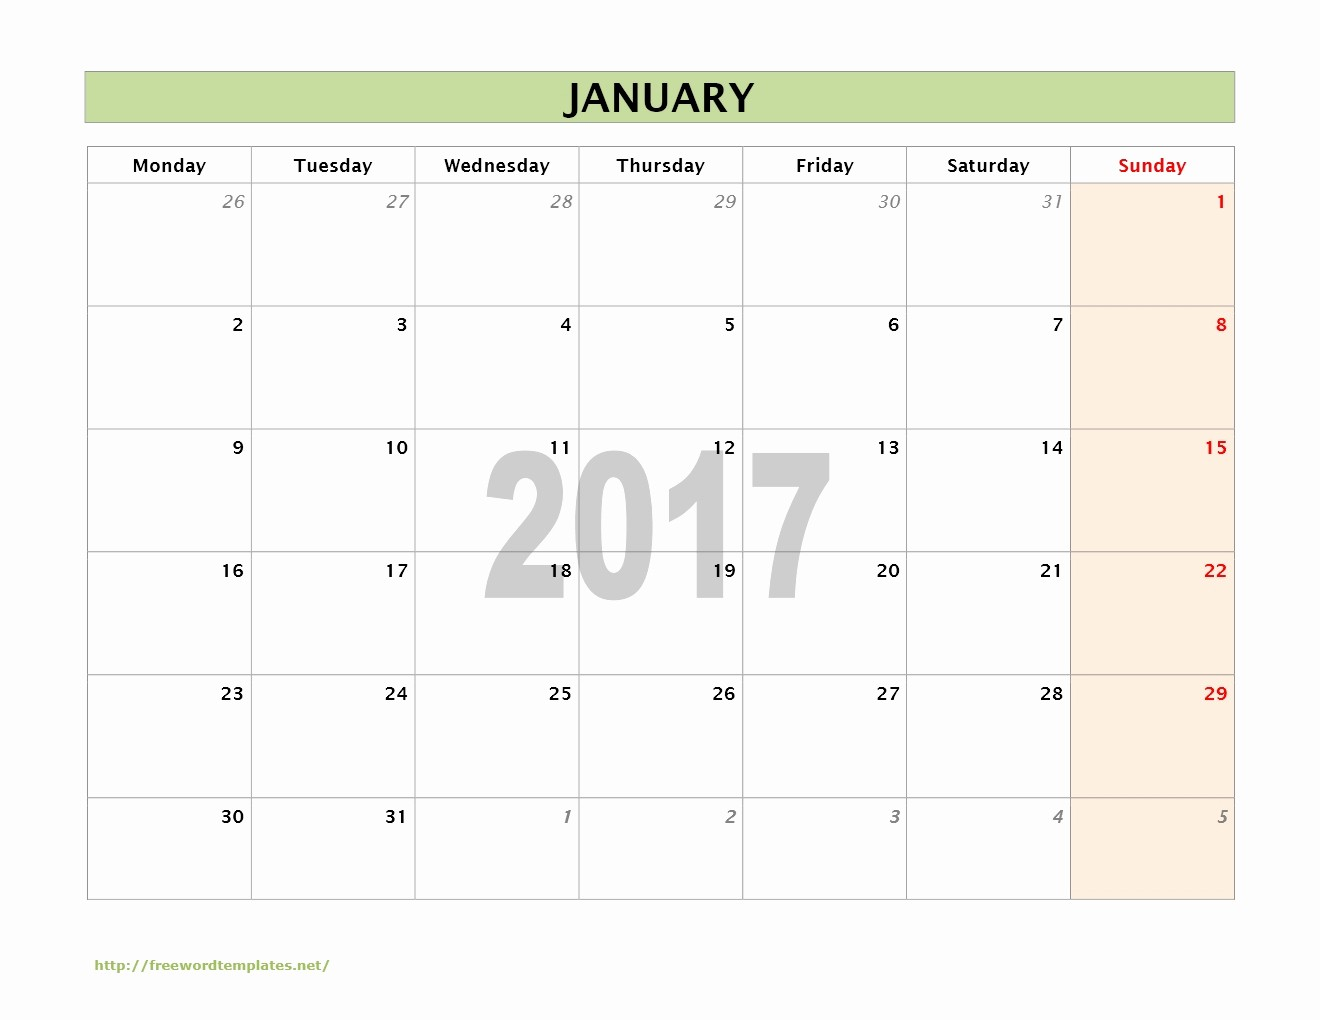 January 2016 Calendar Template Word Best Of 2017 Calendar Templates